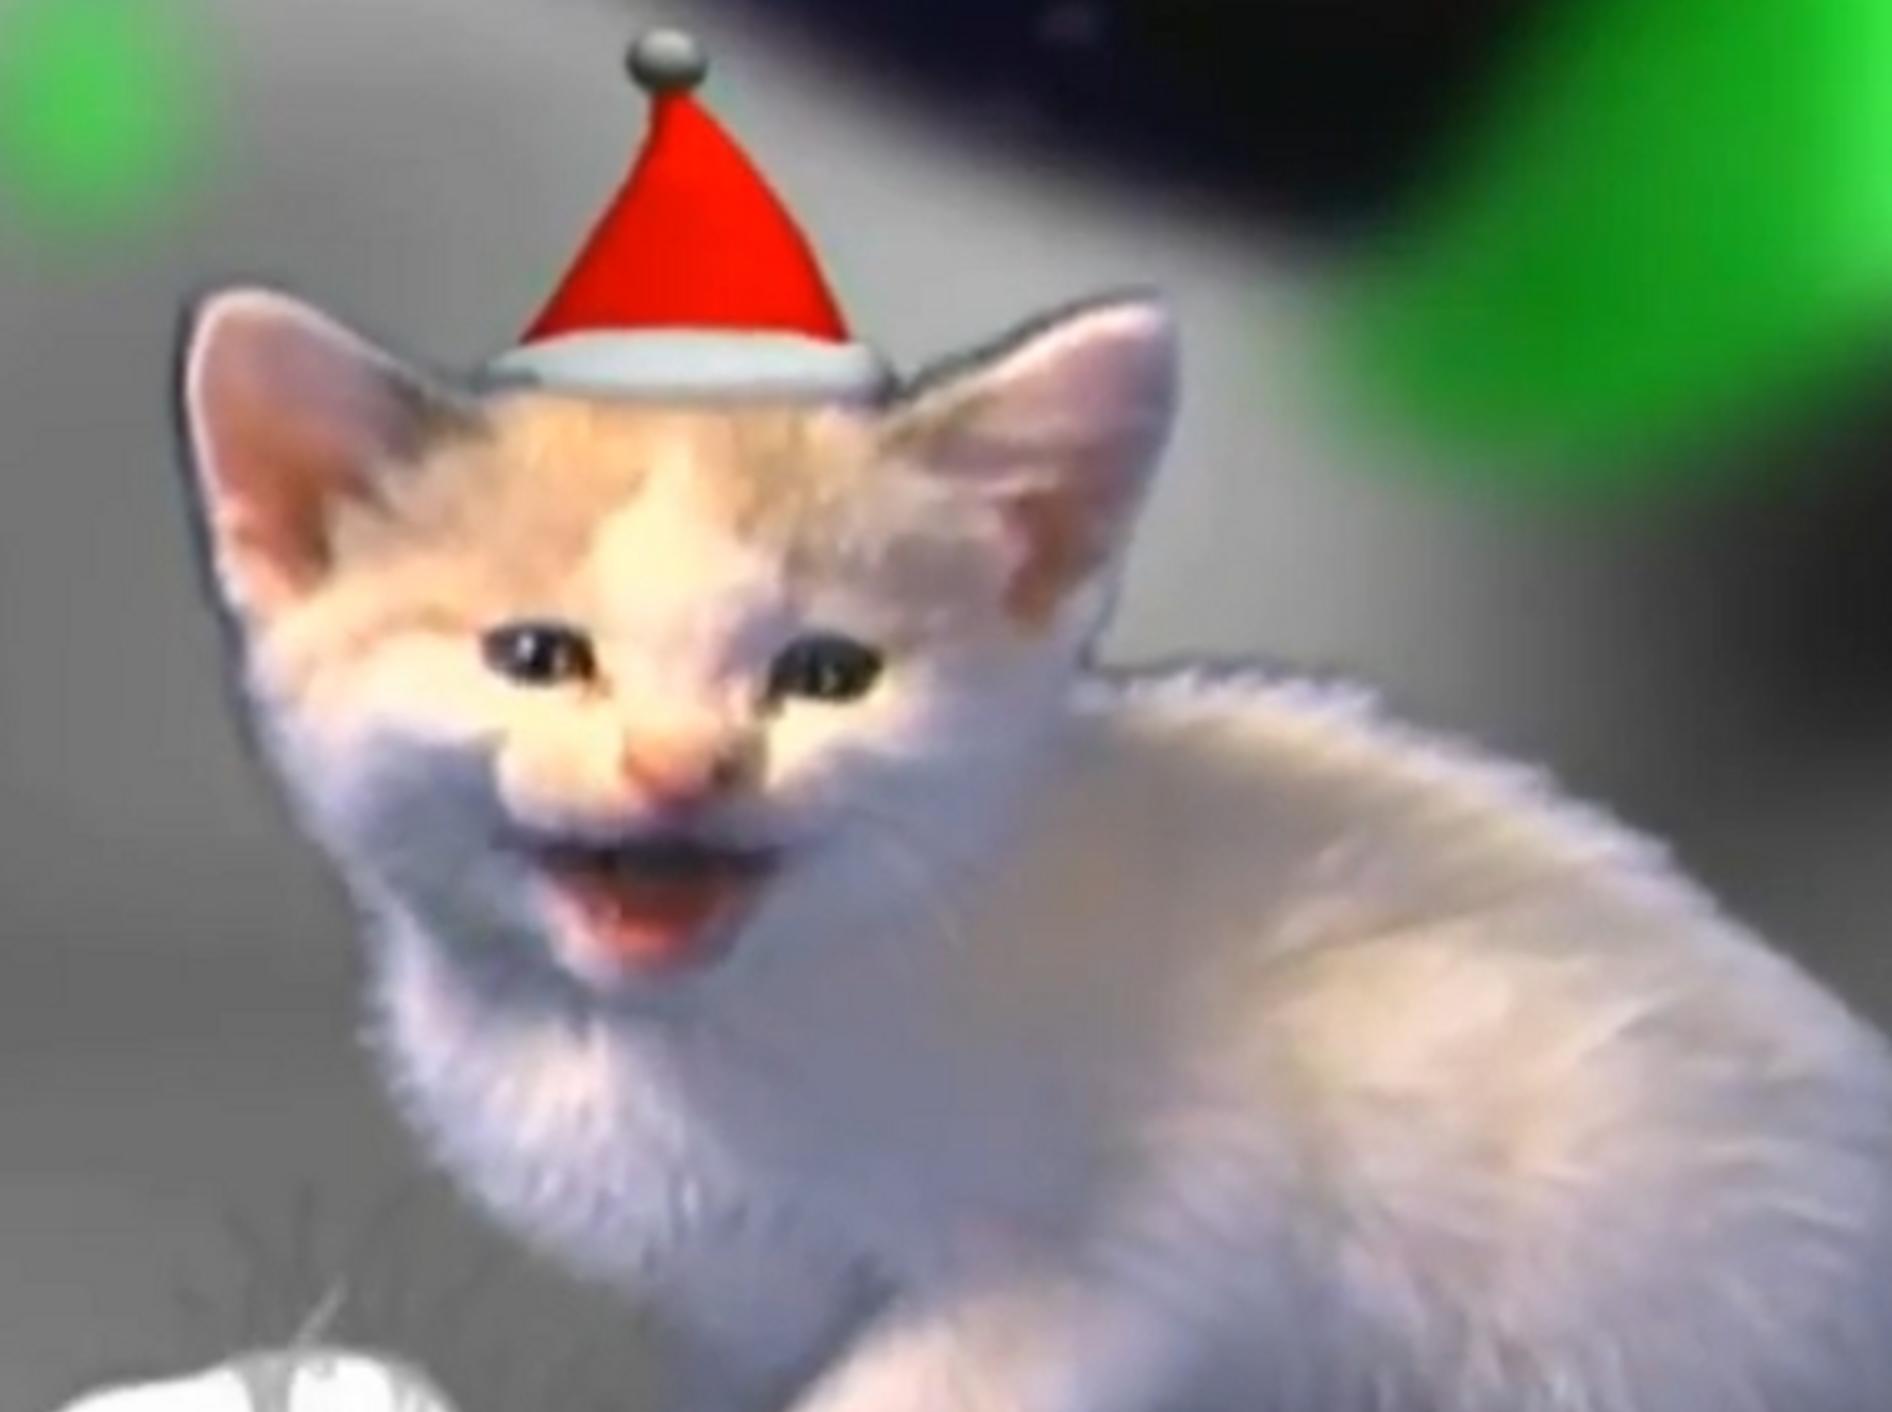 Jingle Cats: Katzen miauen Weihnachtsliede